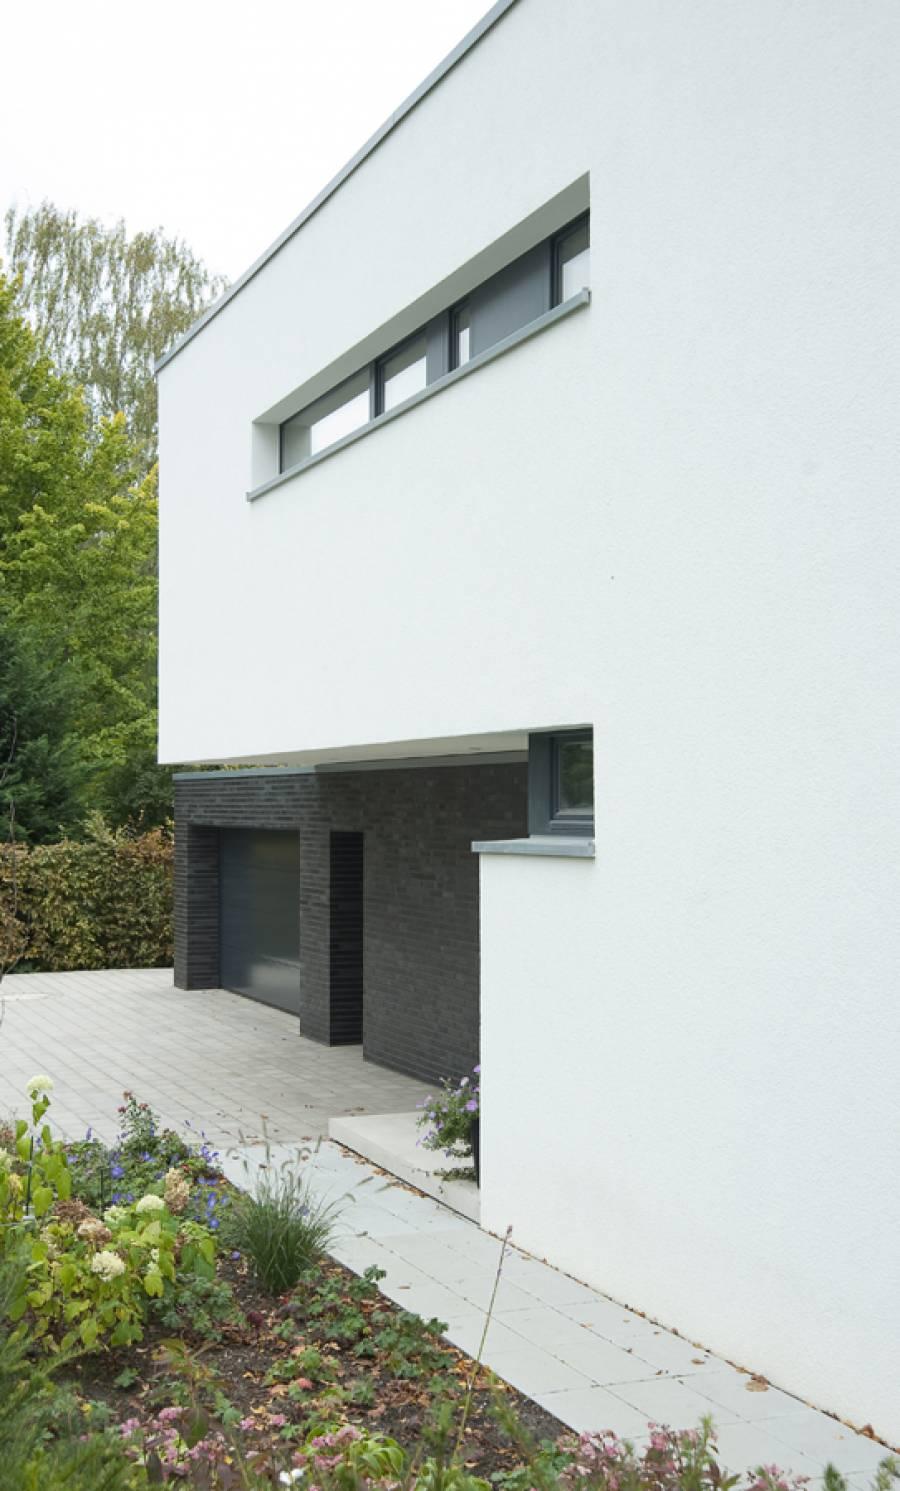 Architekt Detmold wohnhaus detmold architekt nikodemus helms